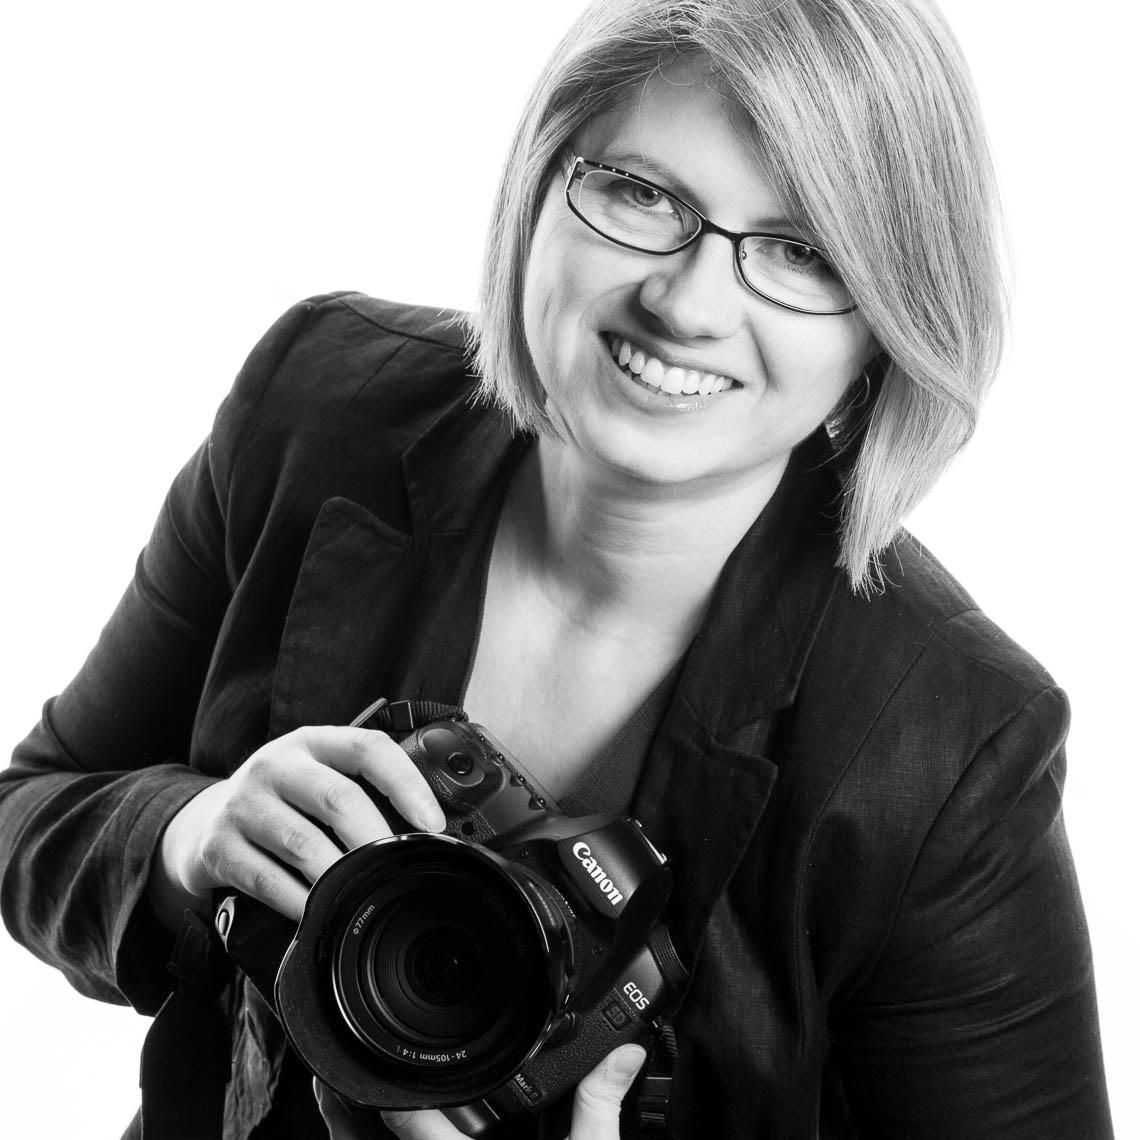 Go to Darlene Hildebrandt's profile